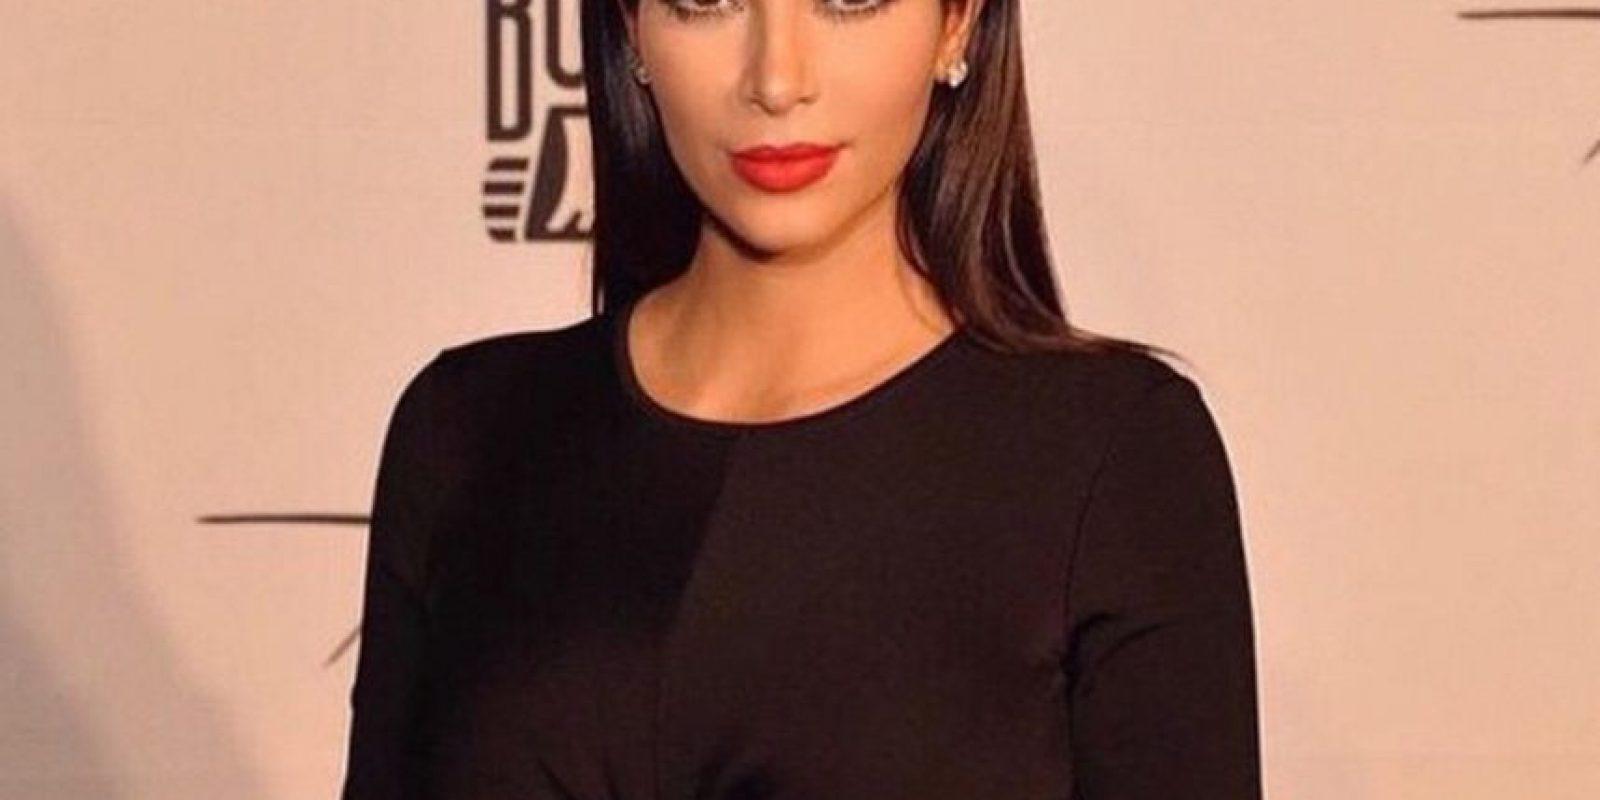 Que comparte junto a su hermana Kourtney Kardashian mientras dejan Los Ángeles para abrir su tercera tienda D-A-S-H en Nueva York Foto:Instagram @kimkardashian